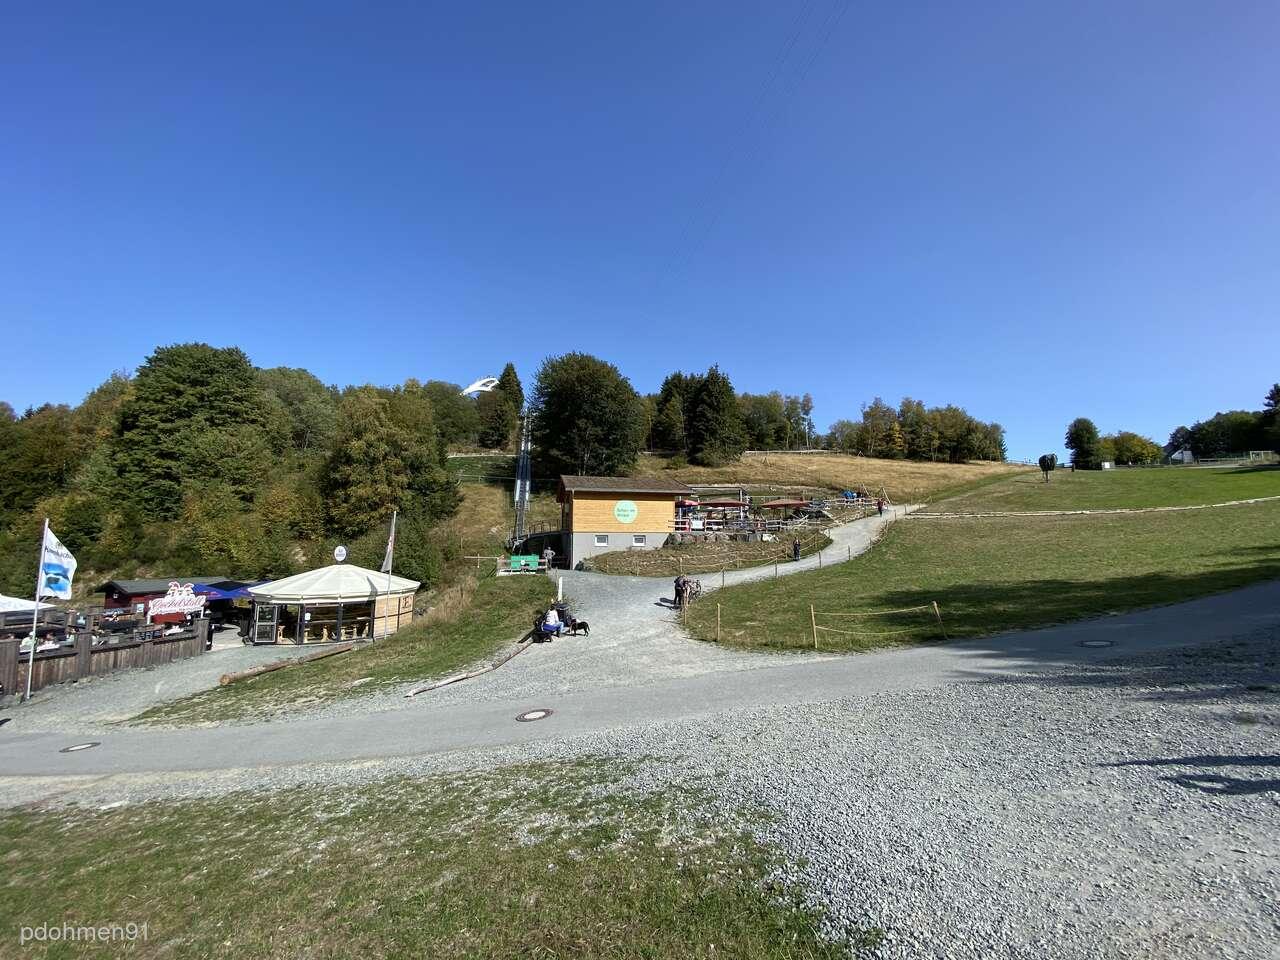 Skiliftkarussell Winterberg Impressionen